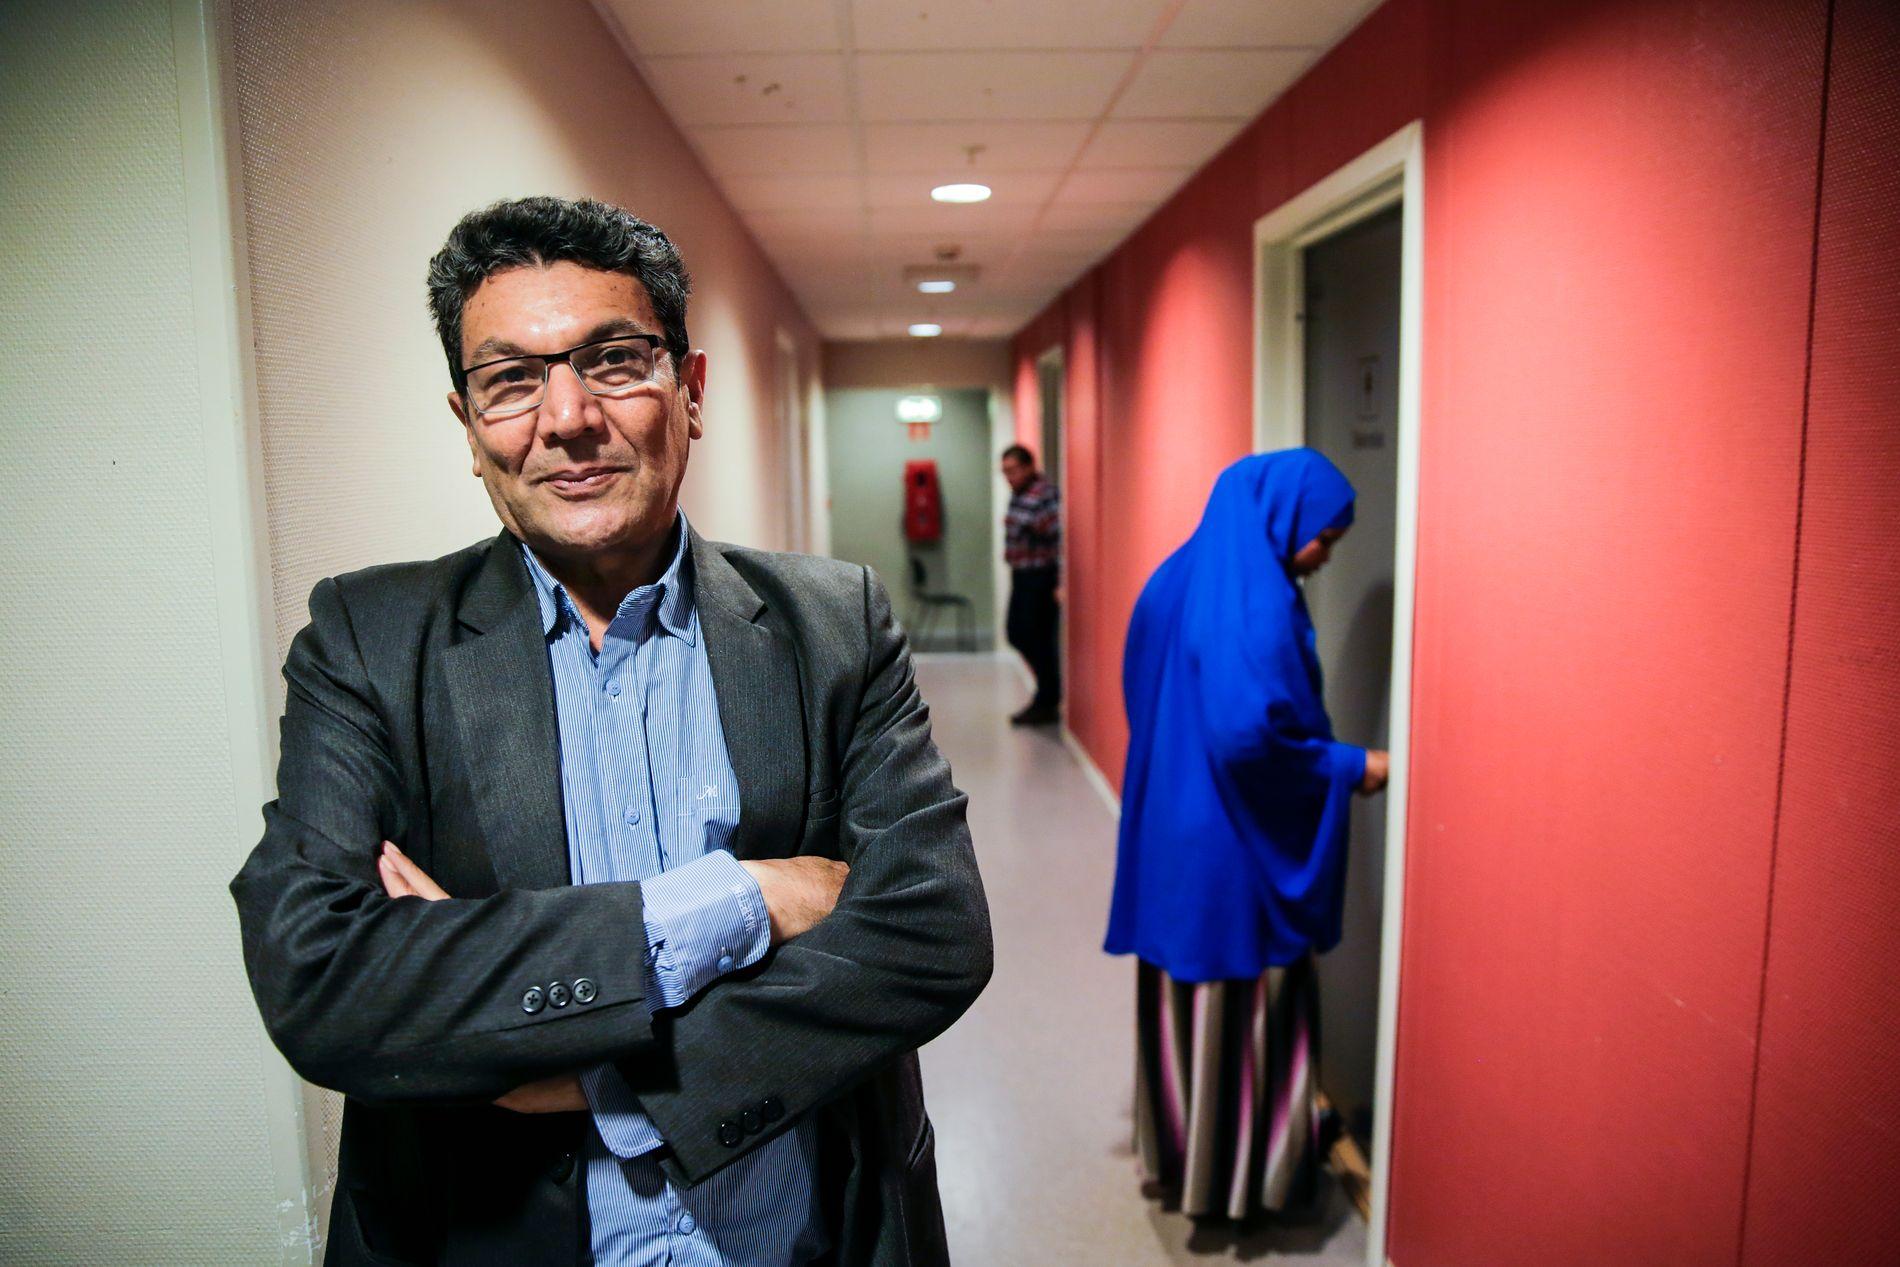 AP-MEDLEM: – Det ser ut som at Ap har glemt den humane delen og konkurrerer med Frp om å være partiet med den strengeste innvandringspolitikken, skriver Siavash Mirghafari.